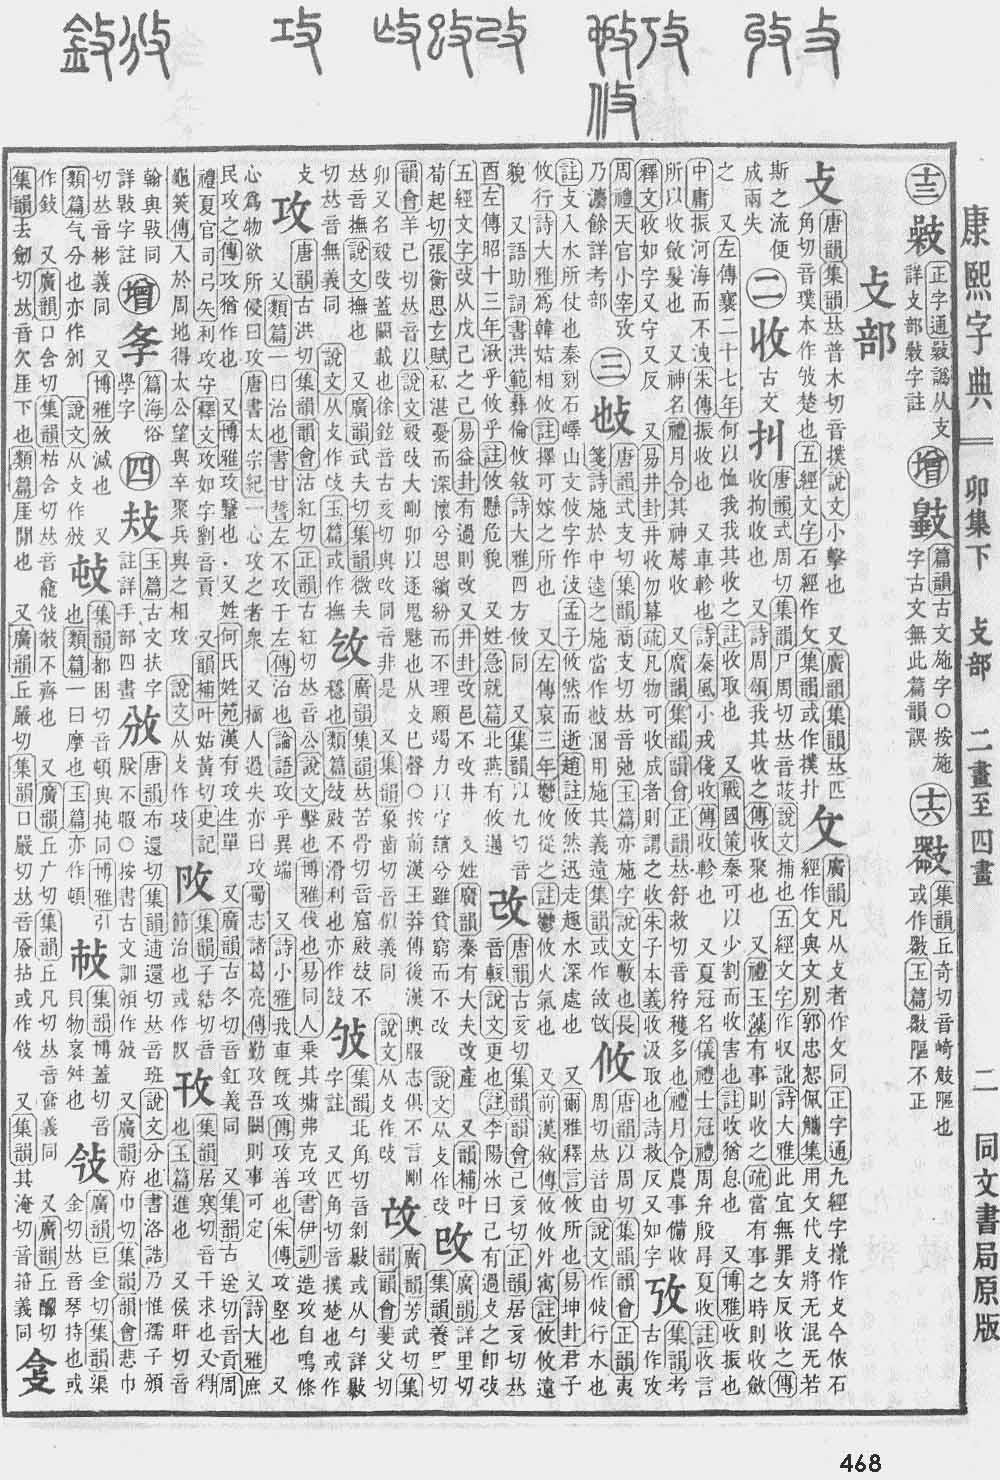 《康熙字典》第468页